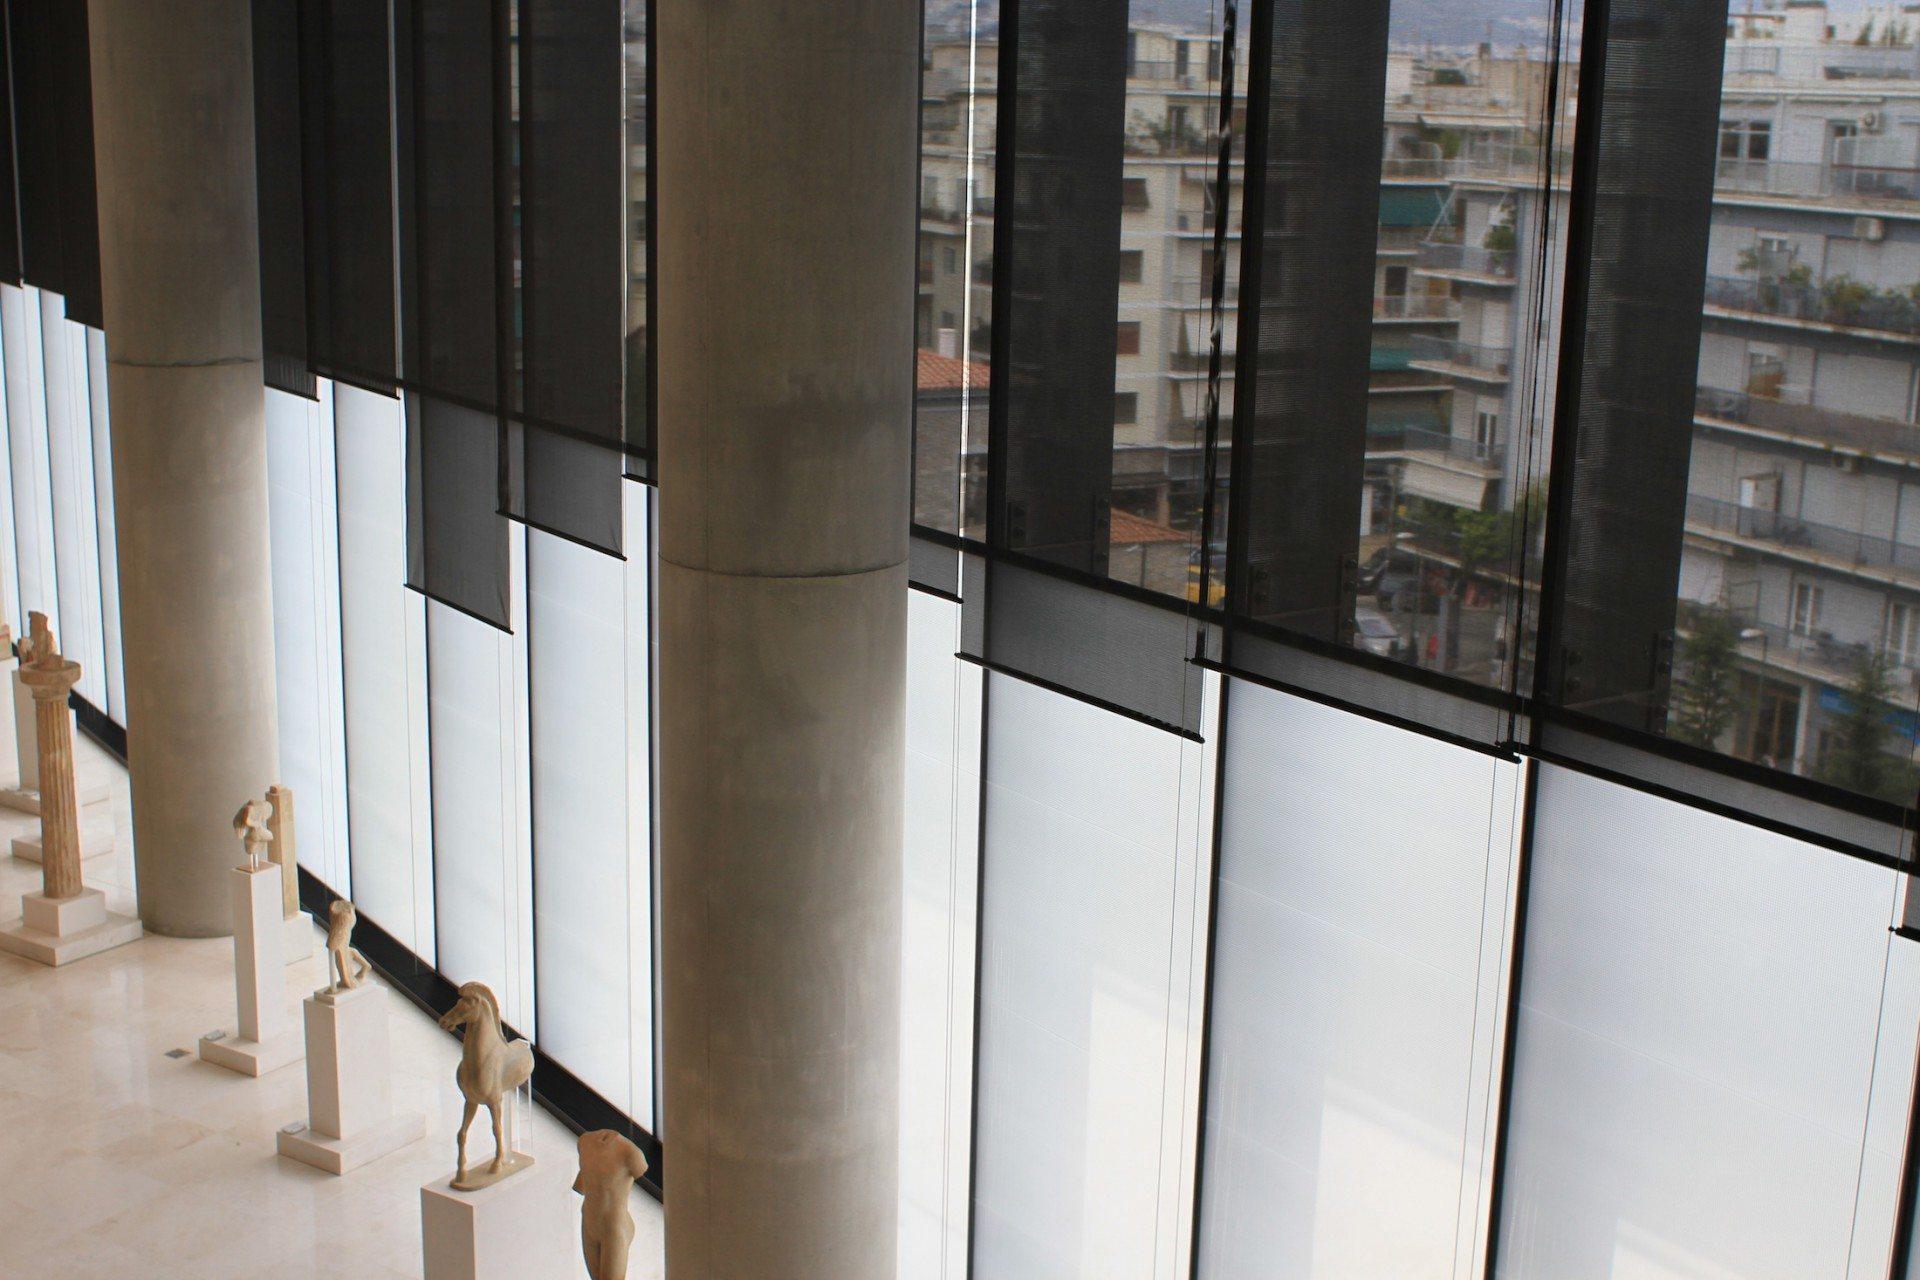 Fließend. Im Hauptausstellungsraum stehen die Exponate verstreut zwischen den hoch aufragenden Säulen. Die Besucher schreiten frei durch den Raum und können die Exponate von allen Seiten betrachten. Große Glasfronten lassen viel natürliches Licht in den Saal fallen. Der Umgang mit natürlichem Licht war einer der entscheidenden Entwurfsparameter.